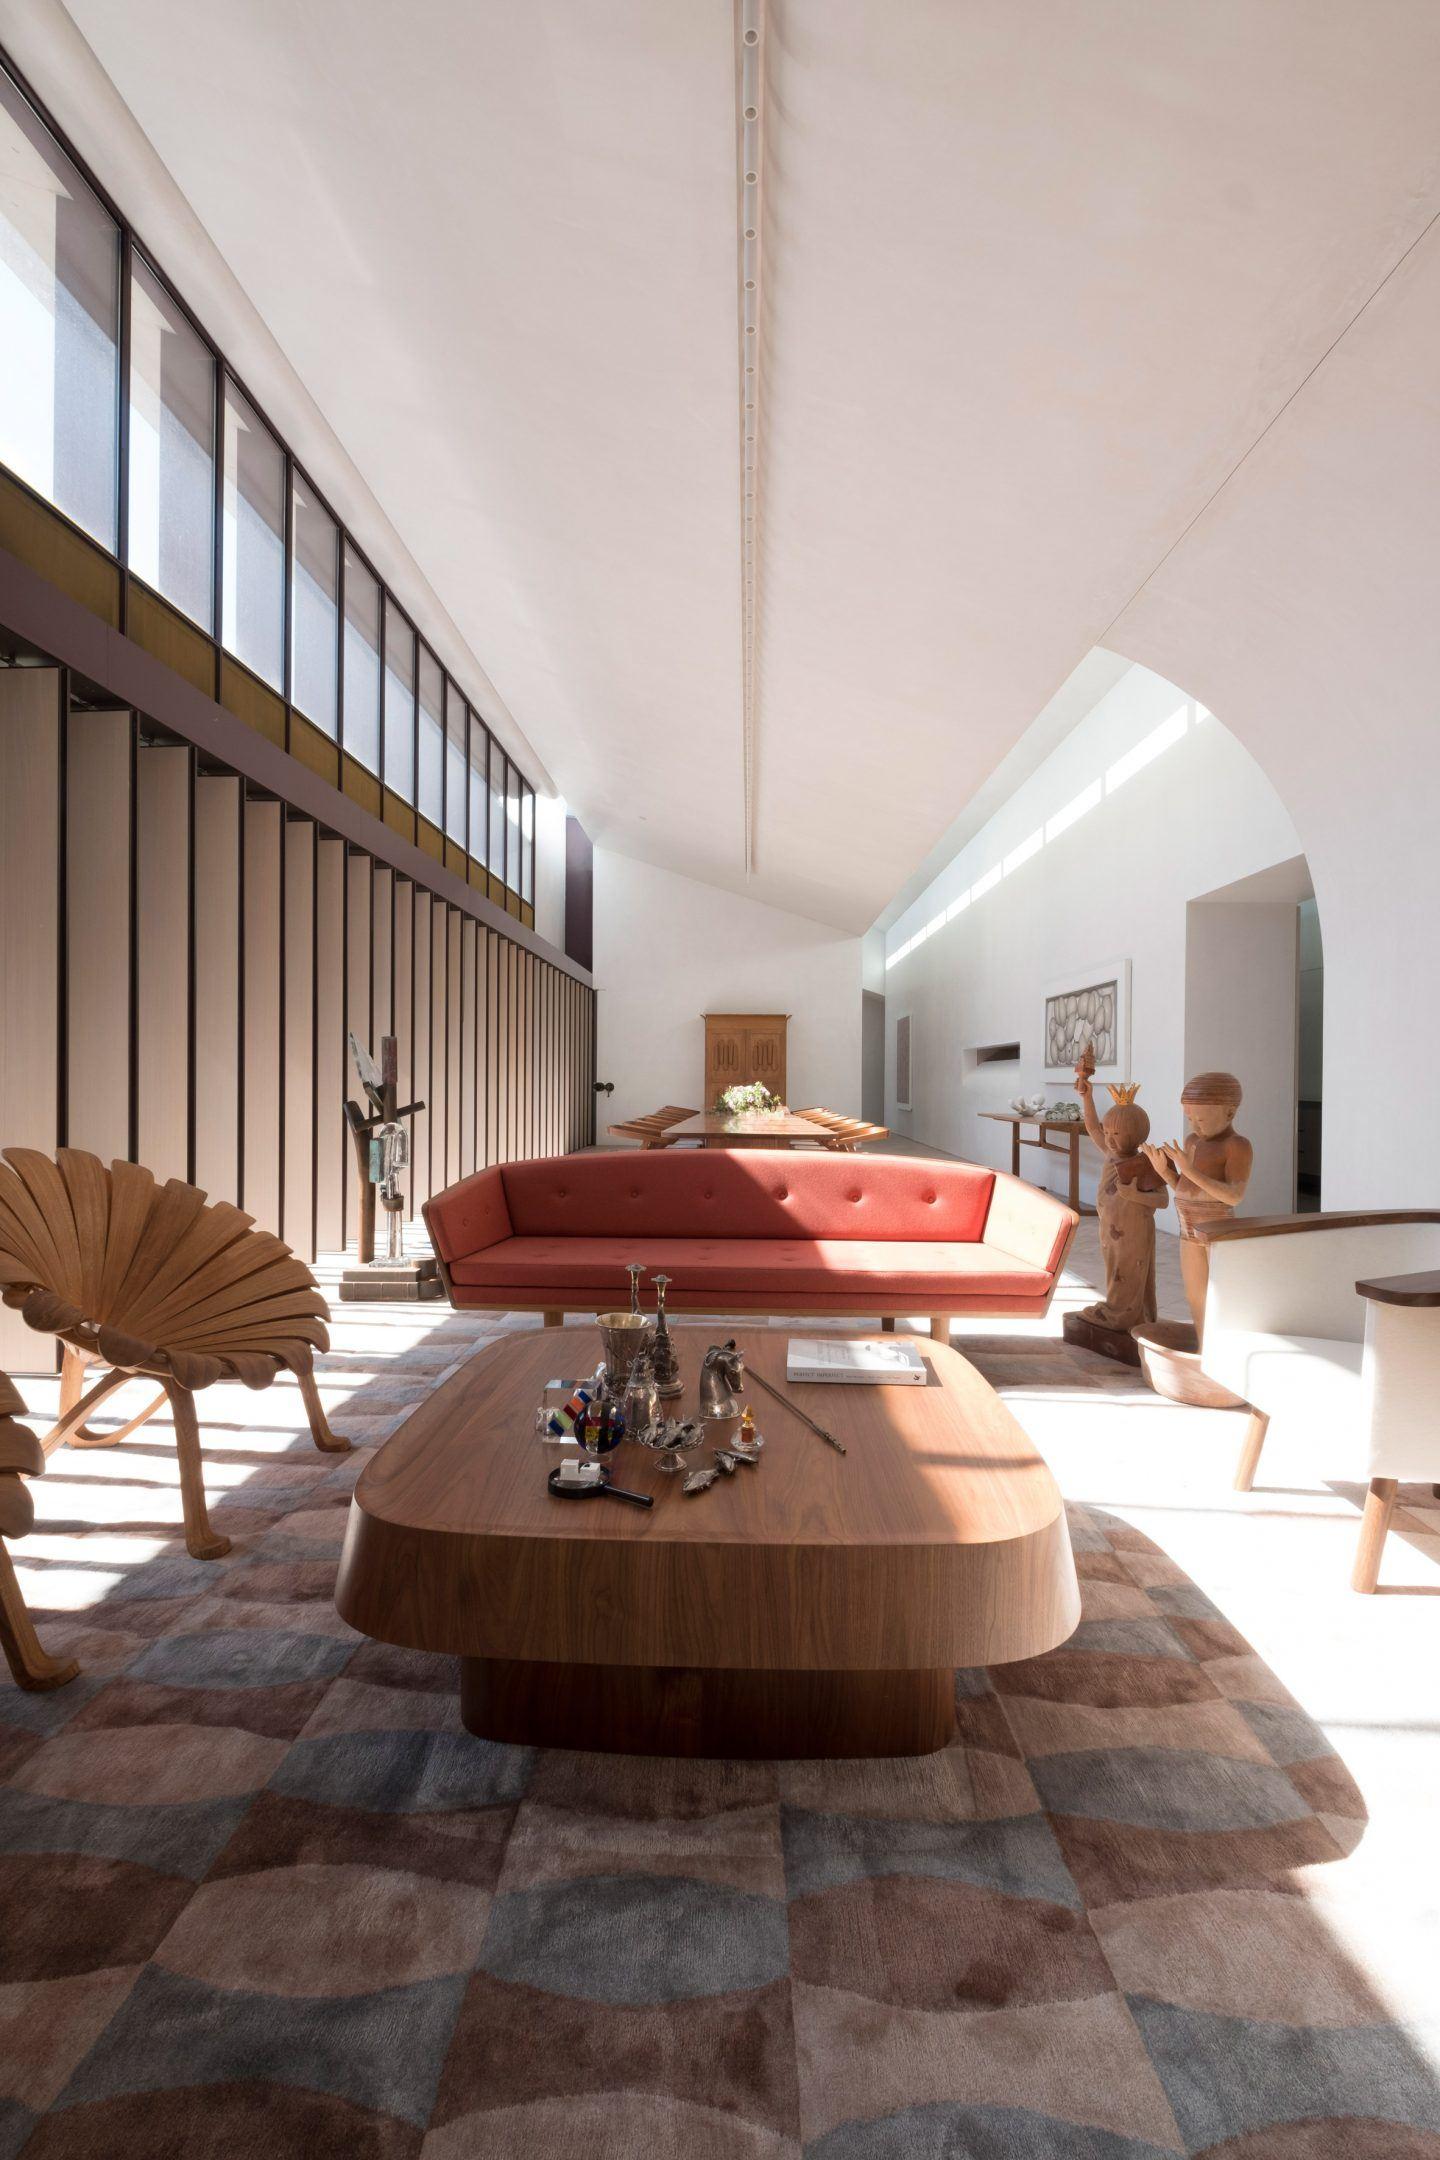 IGNANT-Architecture-Smart-Design-Studio-Indigo-Slam-007